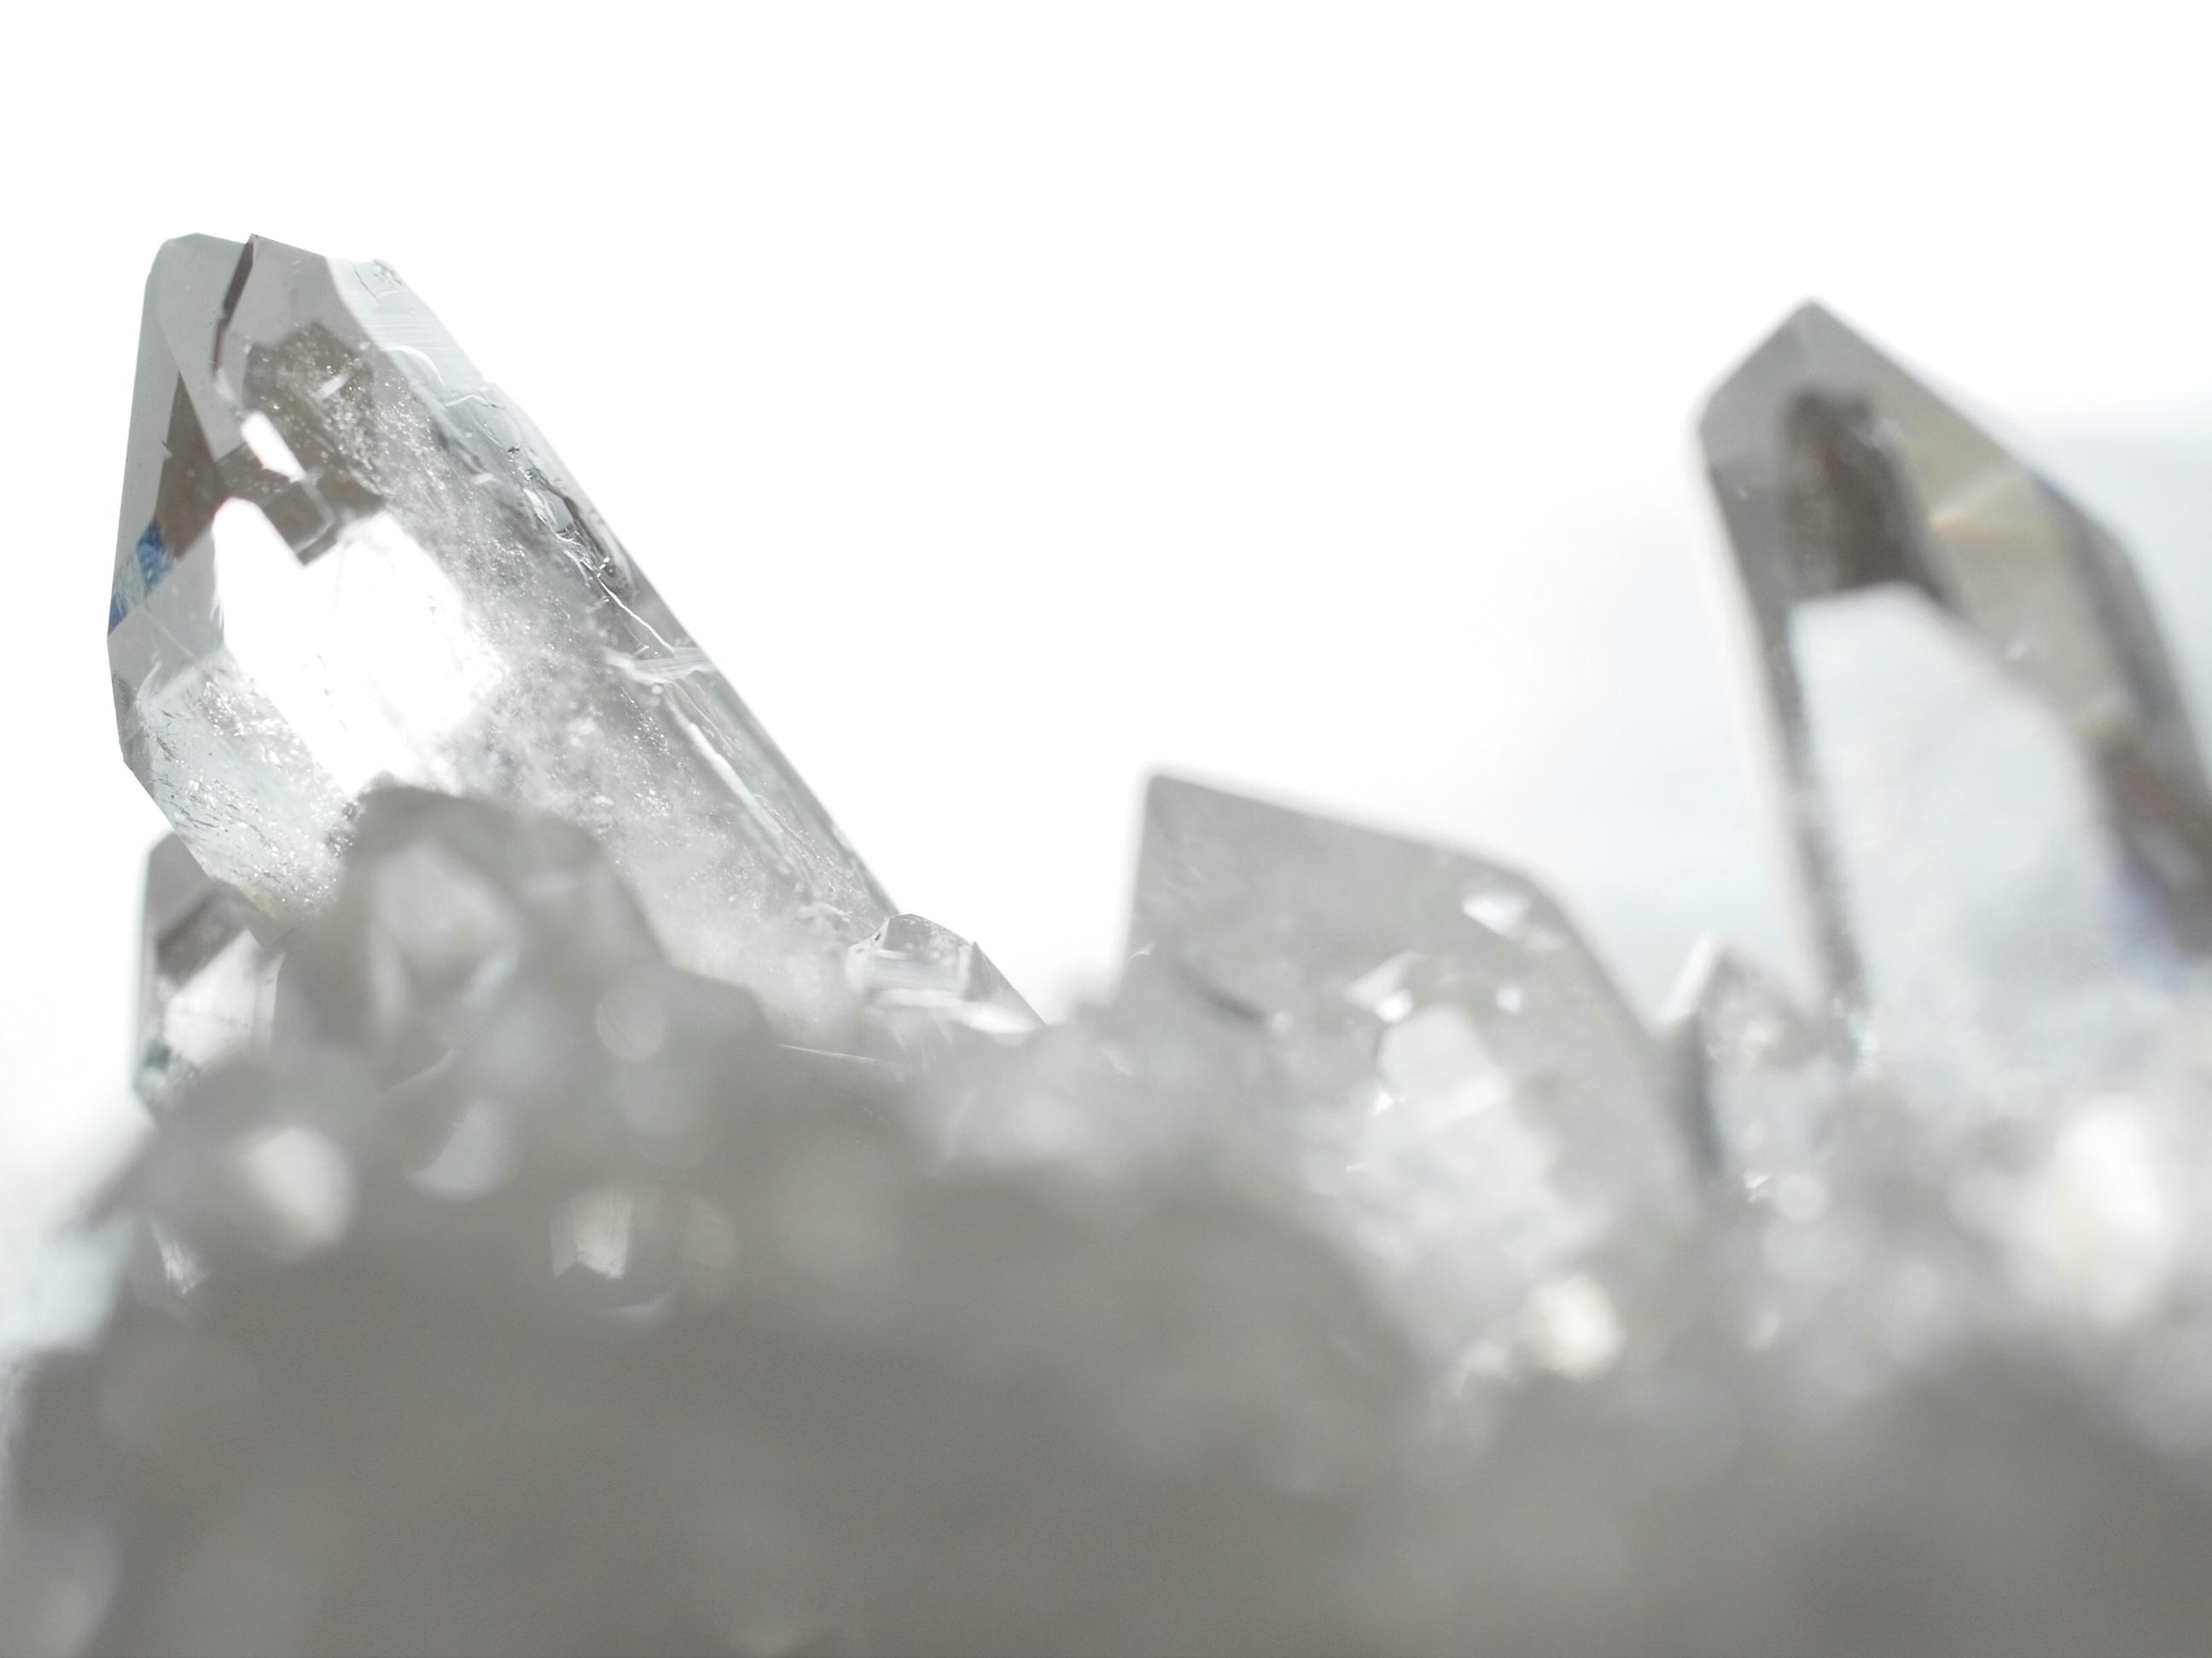 4月の誕生石 ロッククリスタル Rock Crystal 水晶 クリアクォーツ